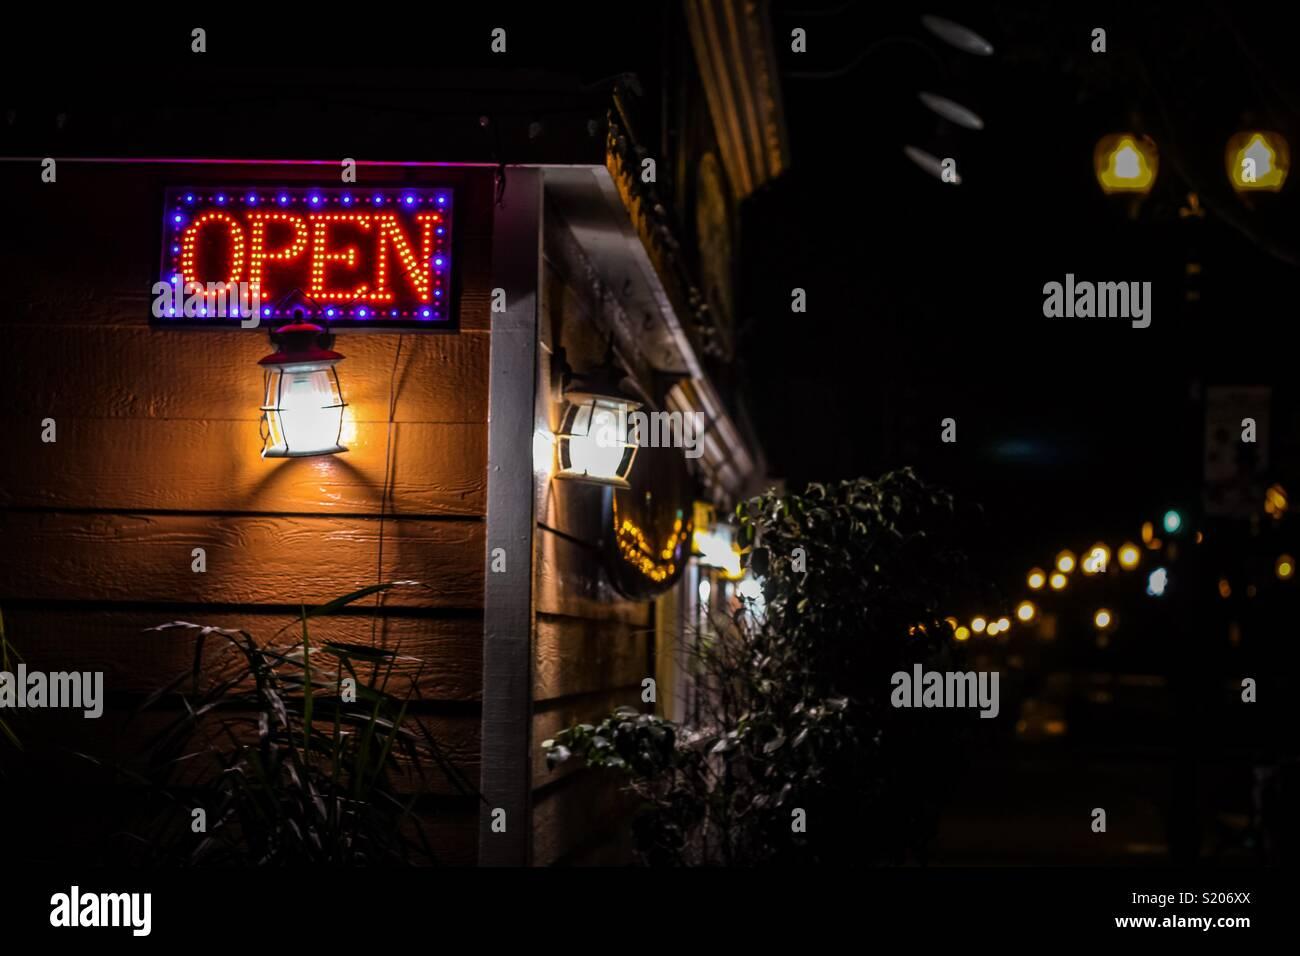 Öffnen Sie die Seite in der Nacht in einer kleinen Stadt mit einem alten Einrichtung leuchtet Stockbild